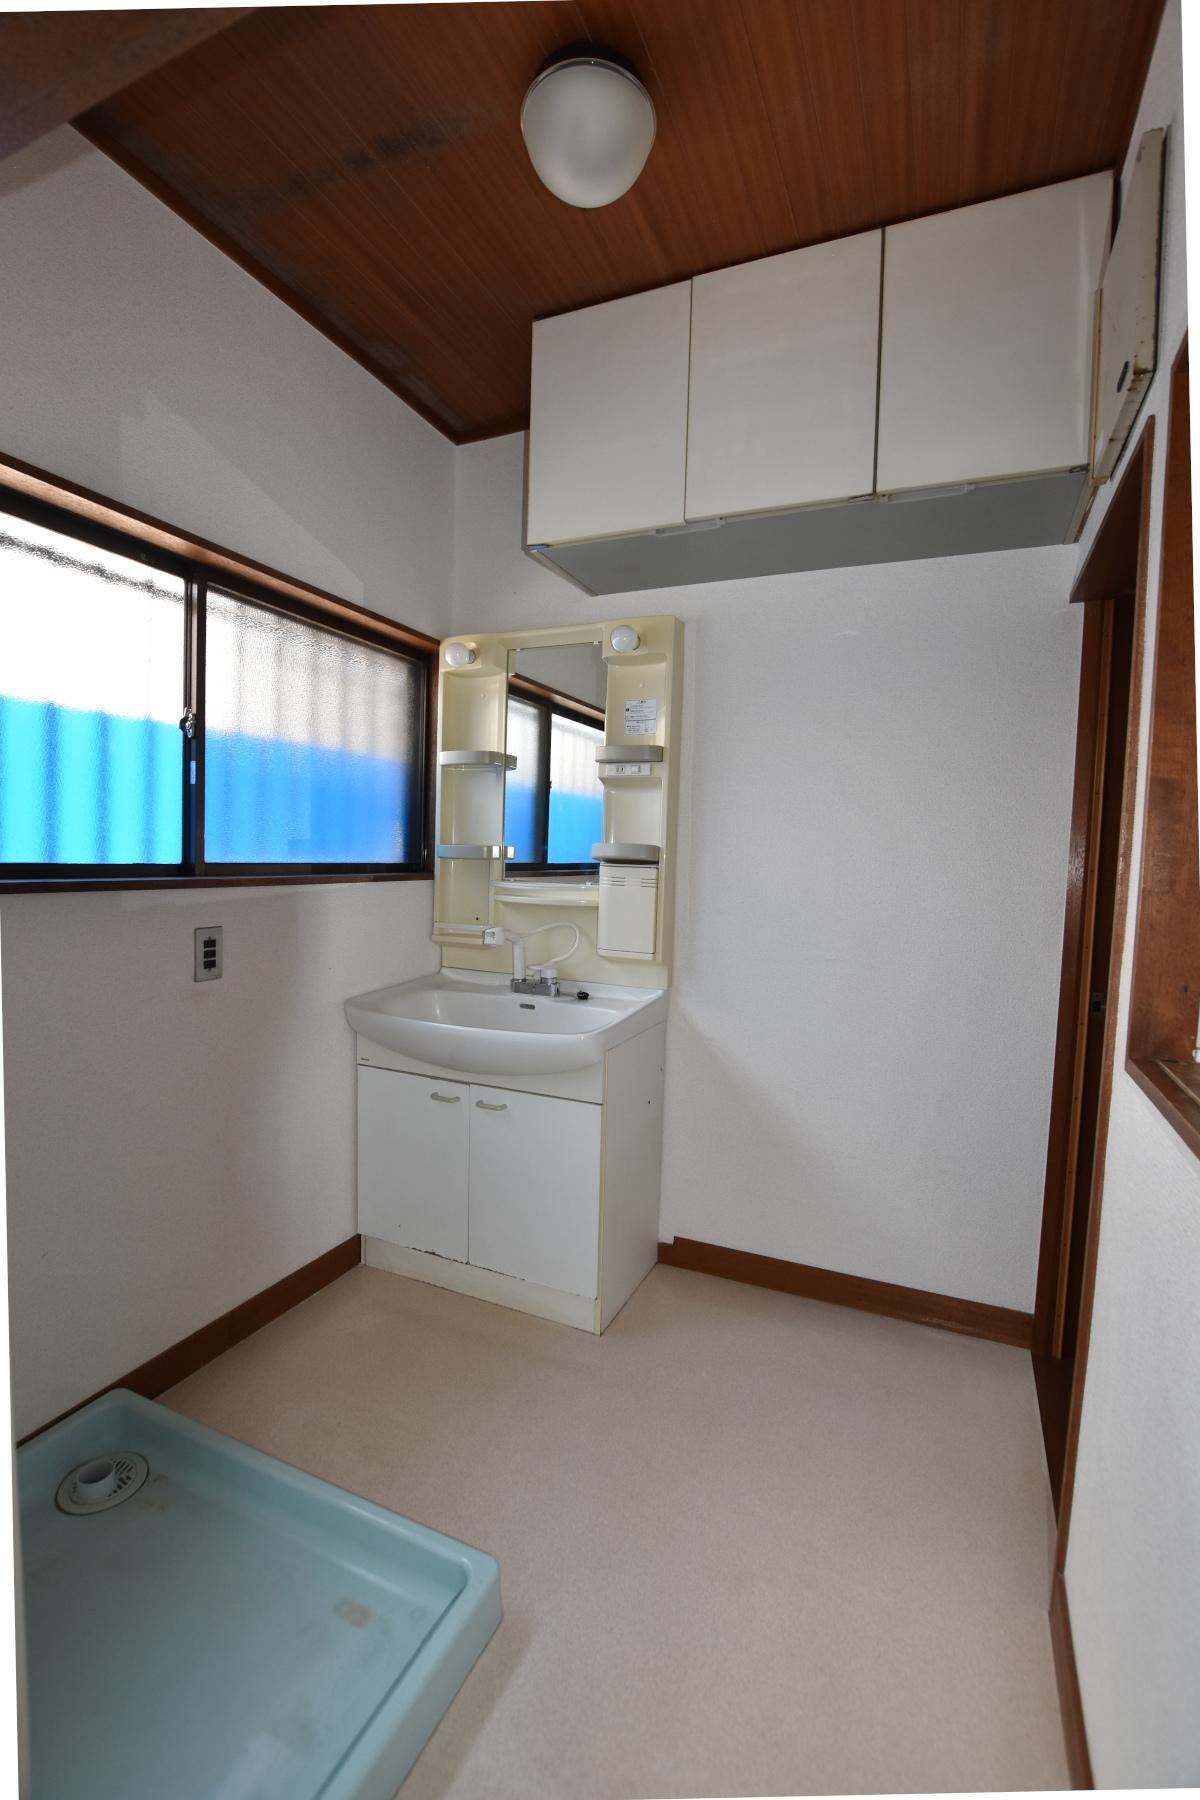 洗剤等置ける棚や収納あり。